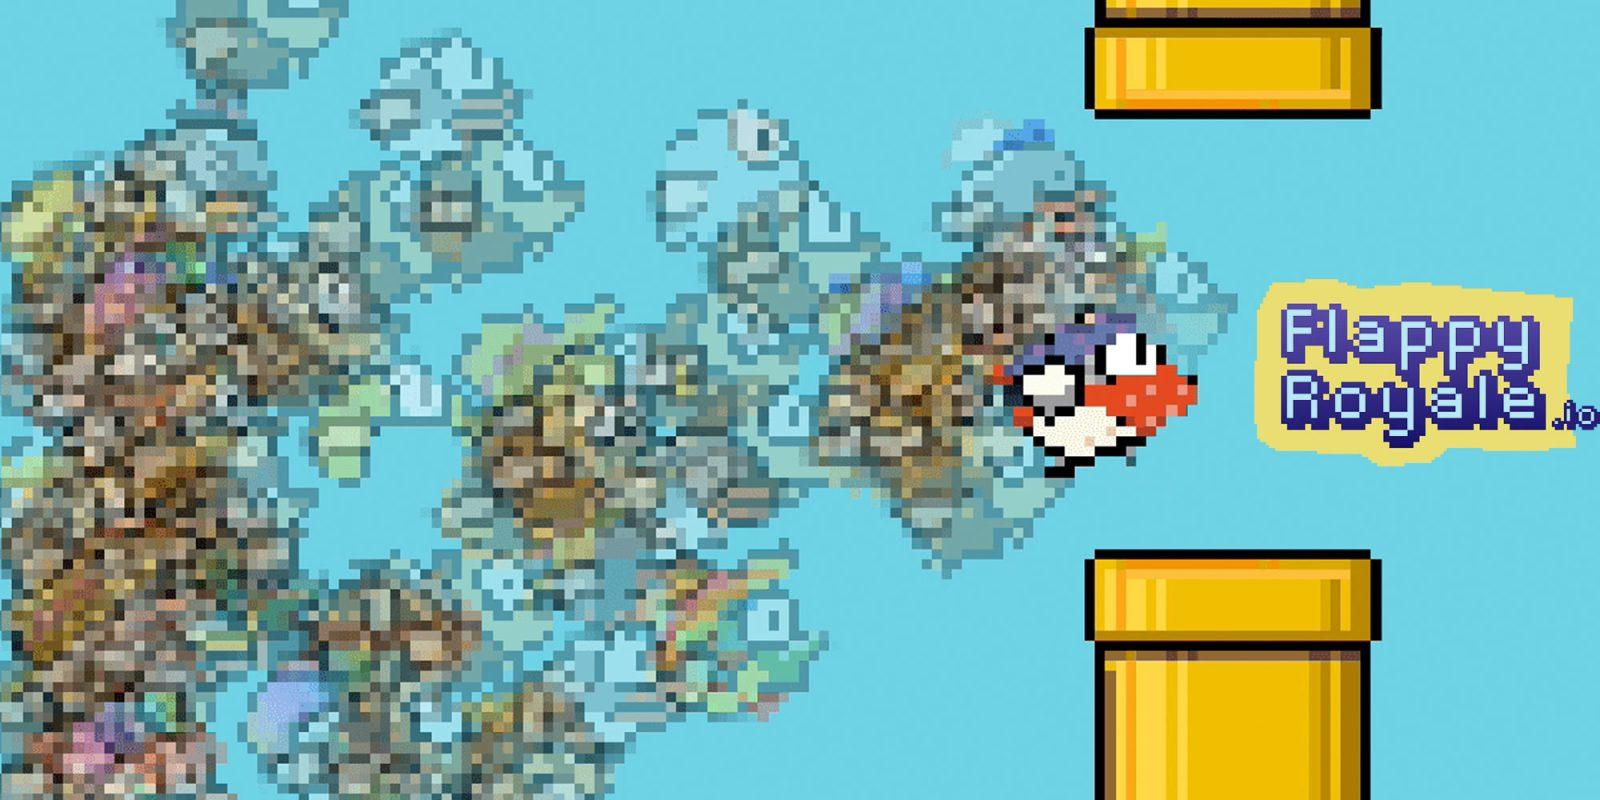 Flappy bird online no download